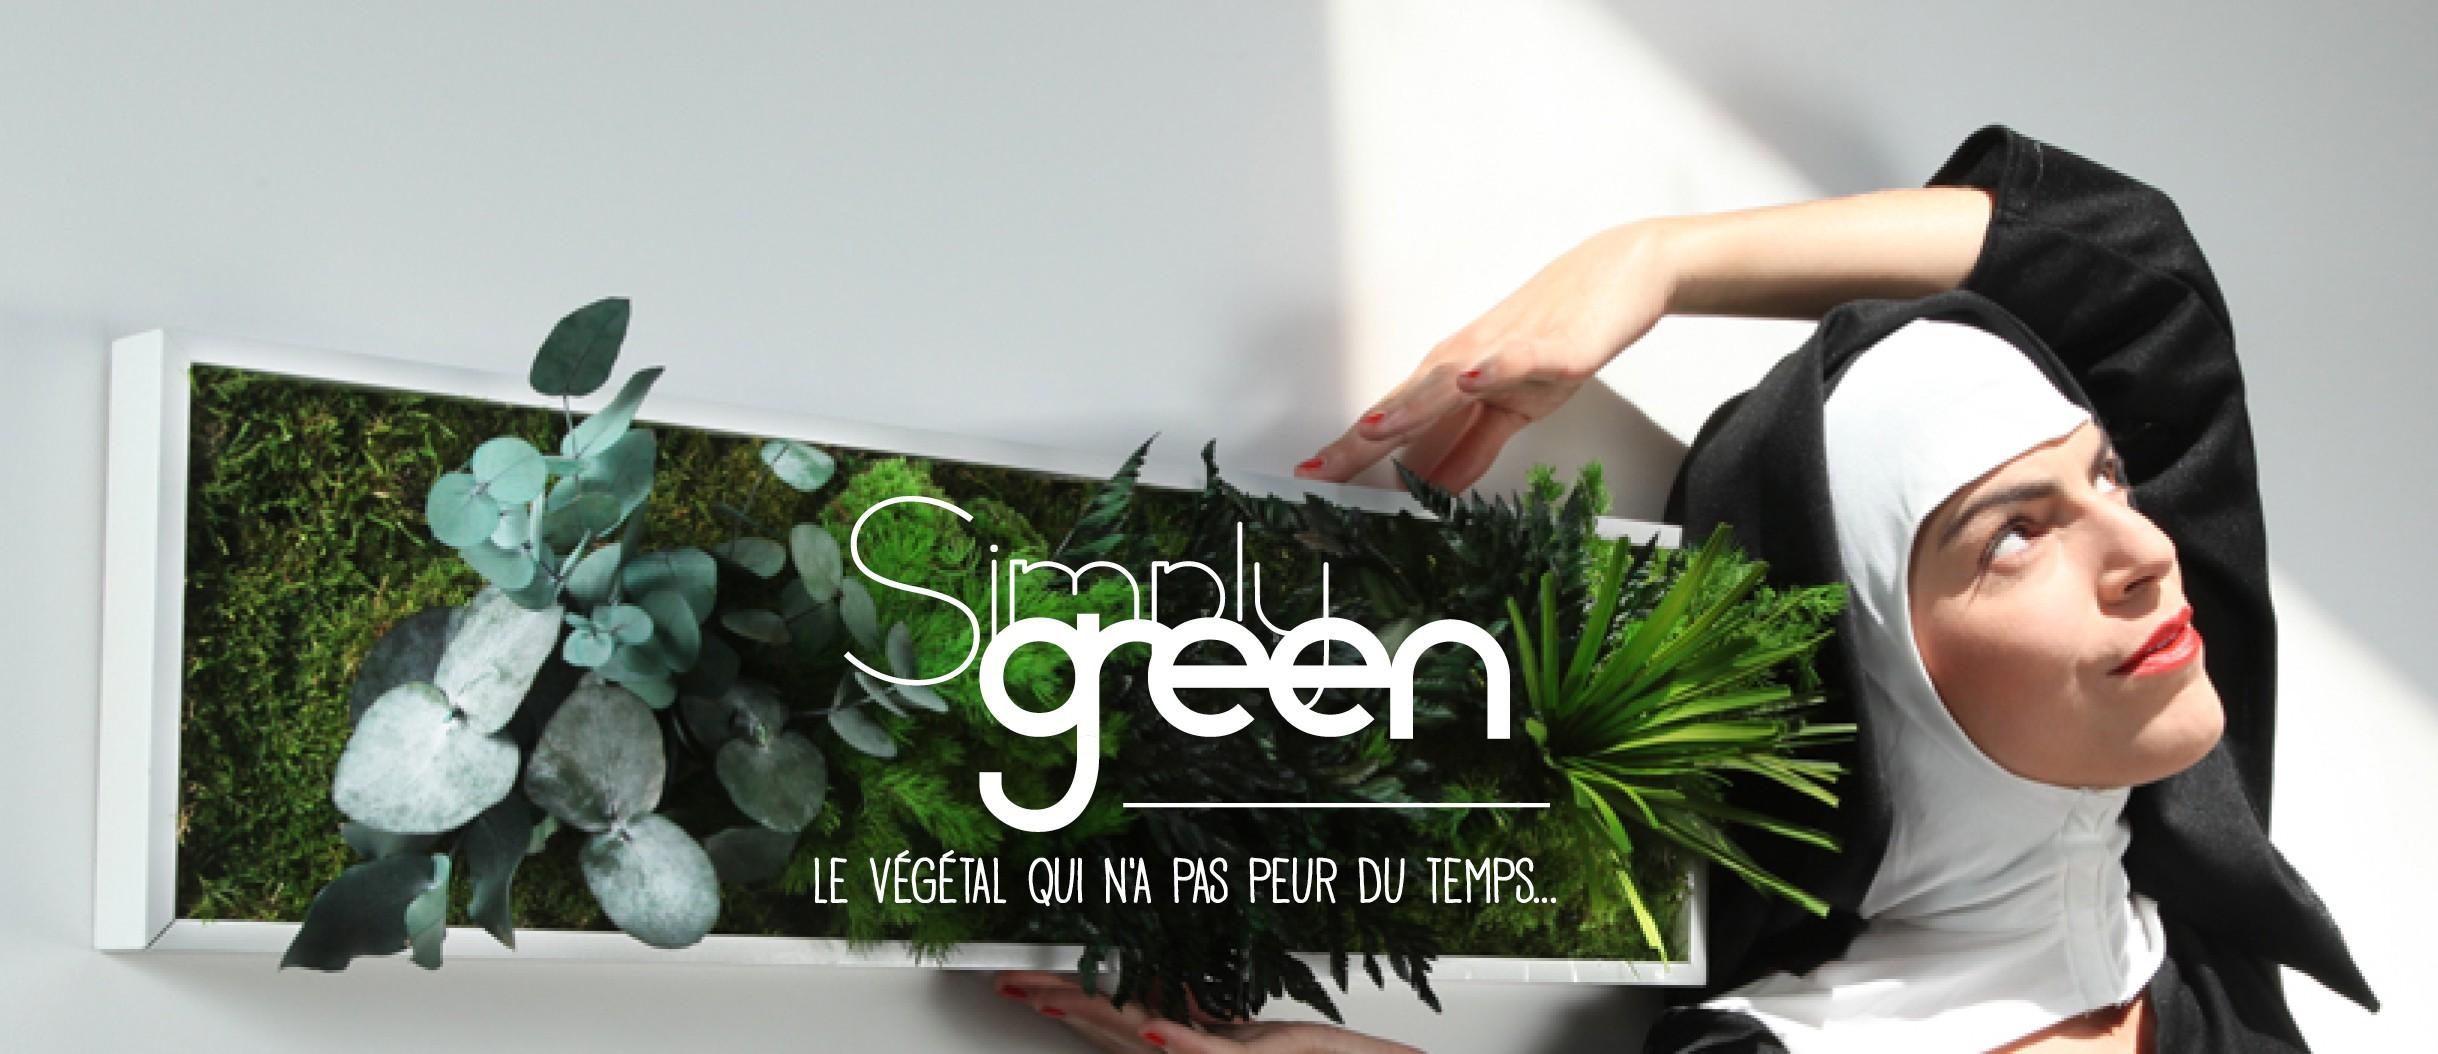 Collection Simply green (végétaux stabilisés)